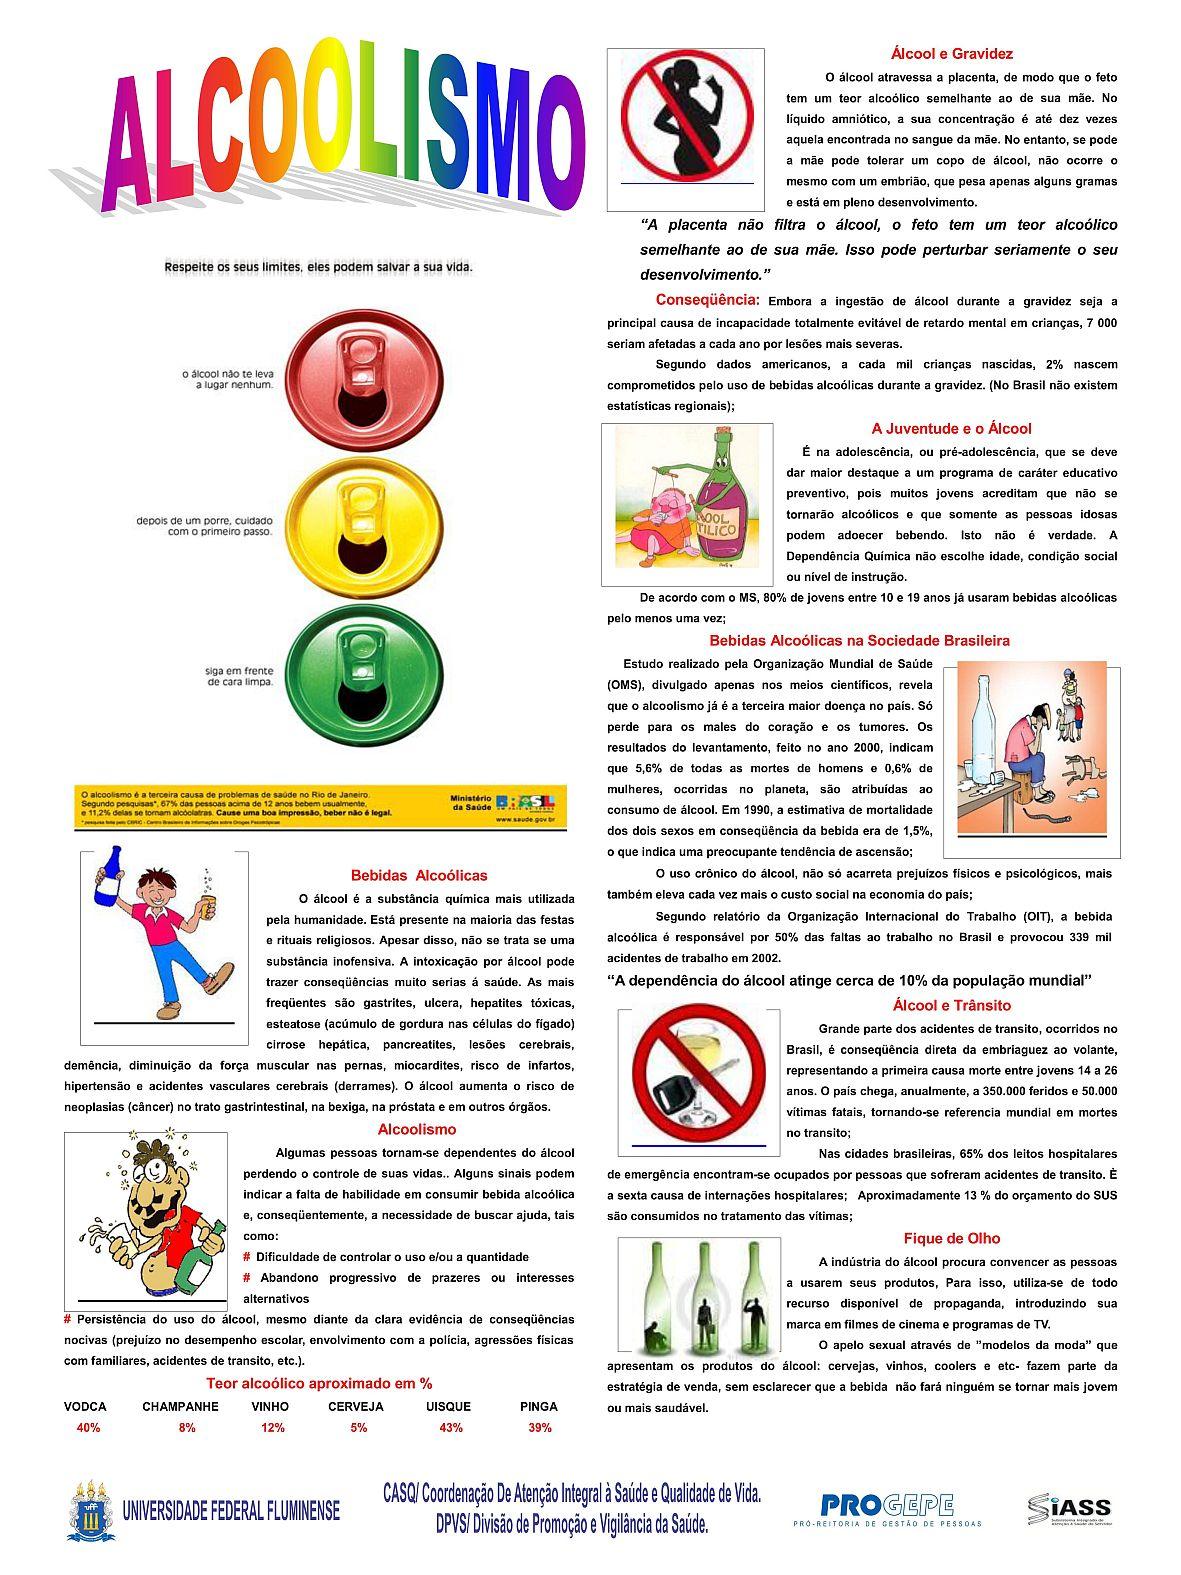 Tratamento de alcoolismo anonimamente Magnitogorsk